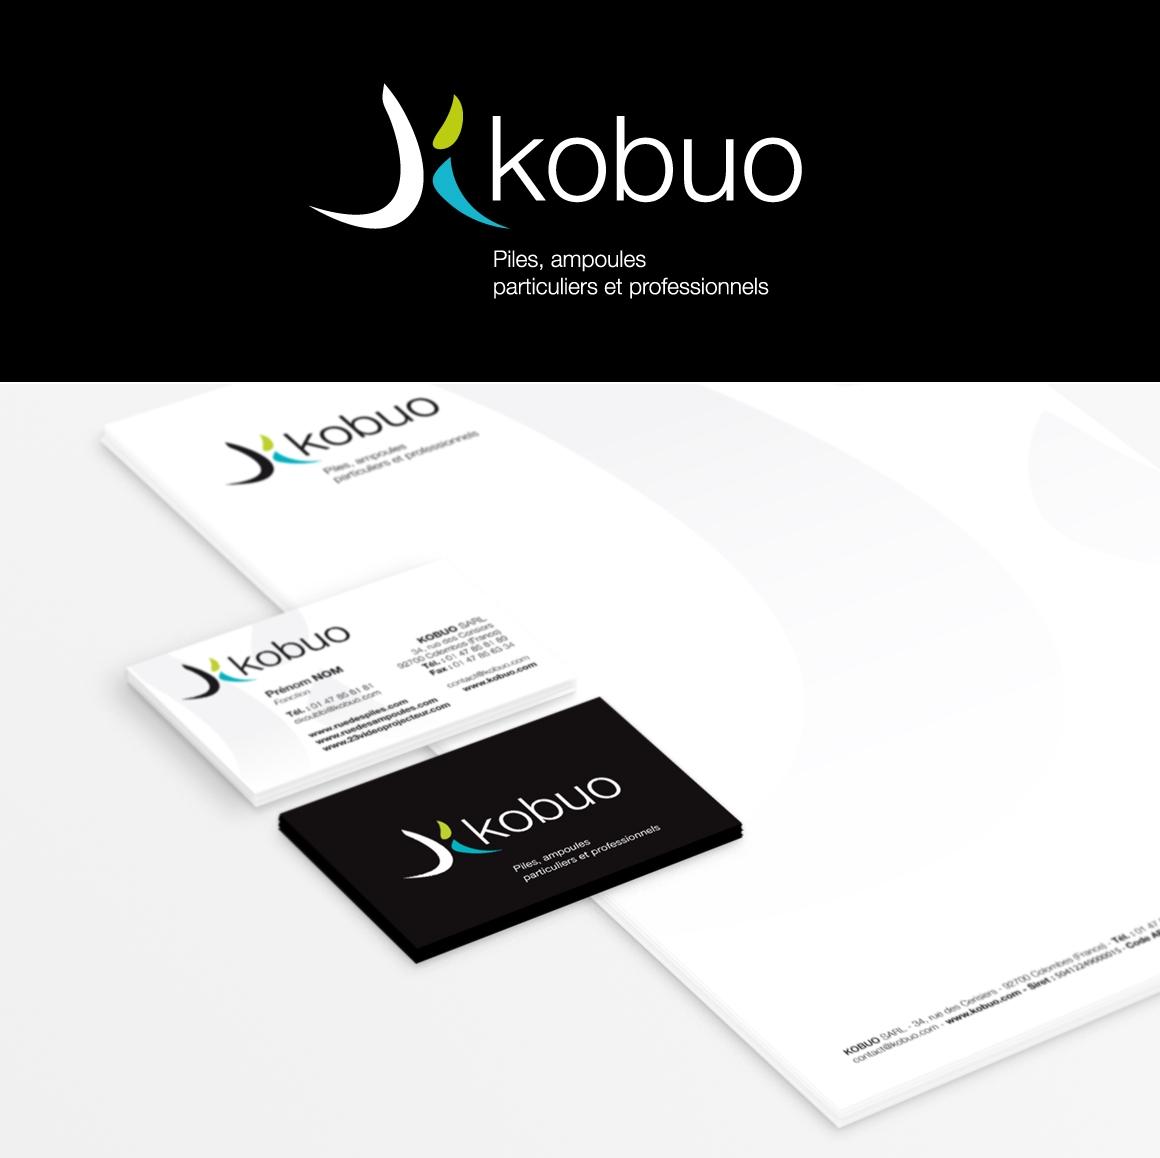 kobuo-02